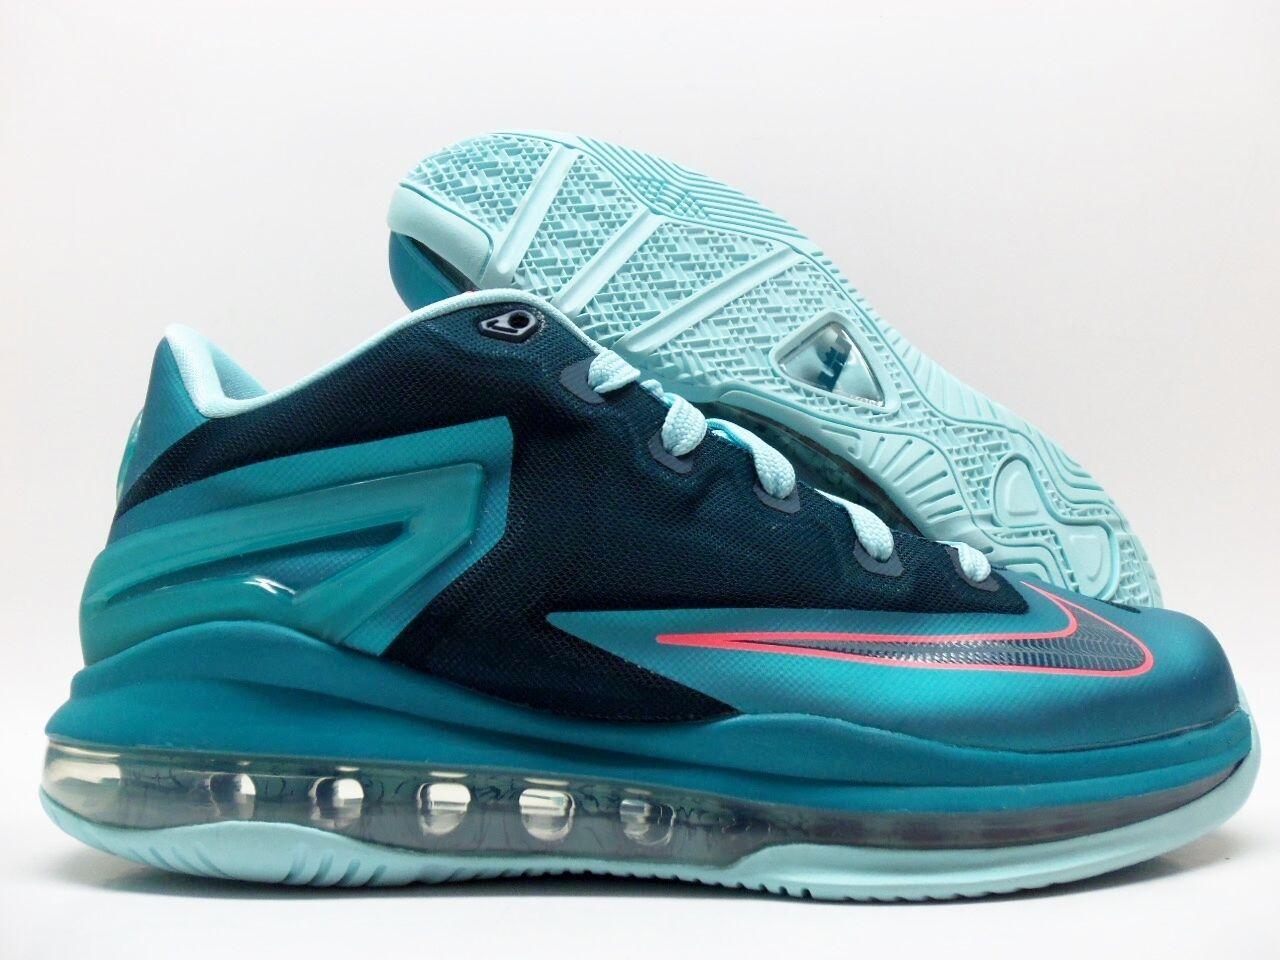 Nike max lebron xi niedrig (gs) turbo - grünen schatten größe 5.5y frauen / 7 [644534-301]